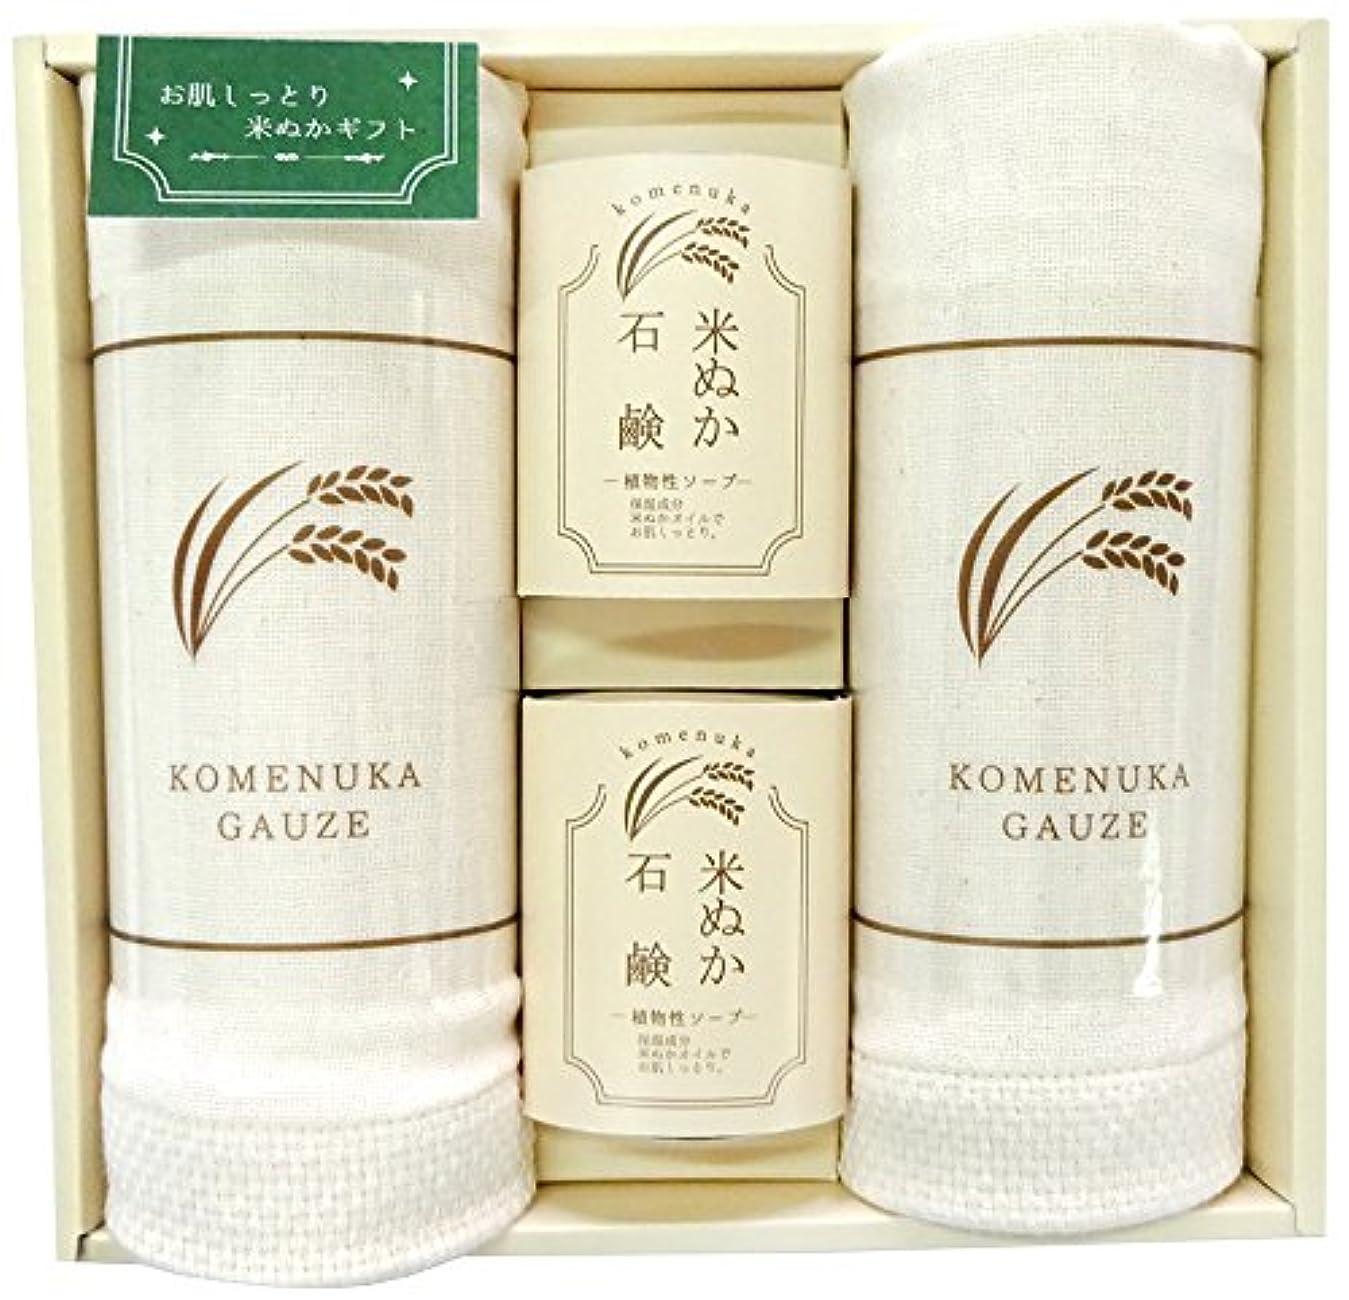 多用途チャンス浸す成願 タオルギフトセット ホワイト ウォッシュタオル×2?石鹸×2 KOMG-150